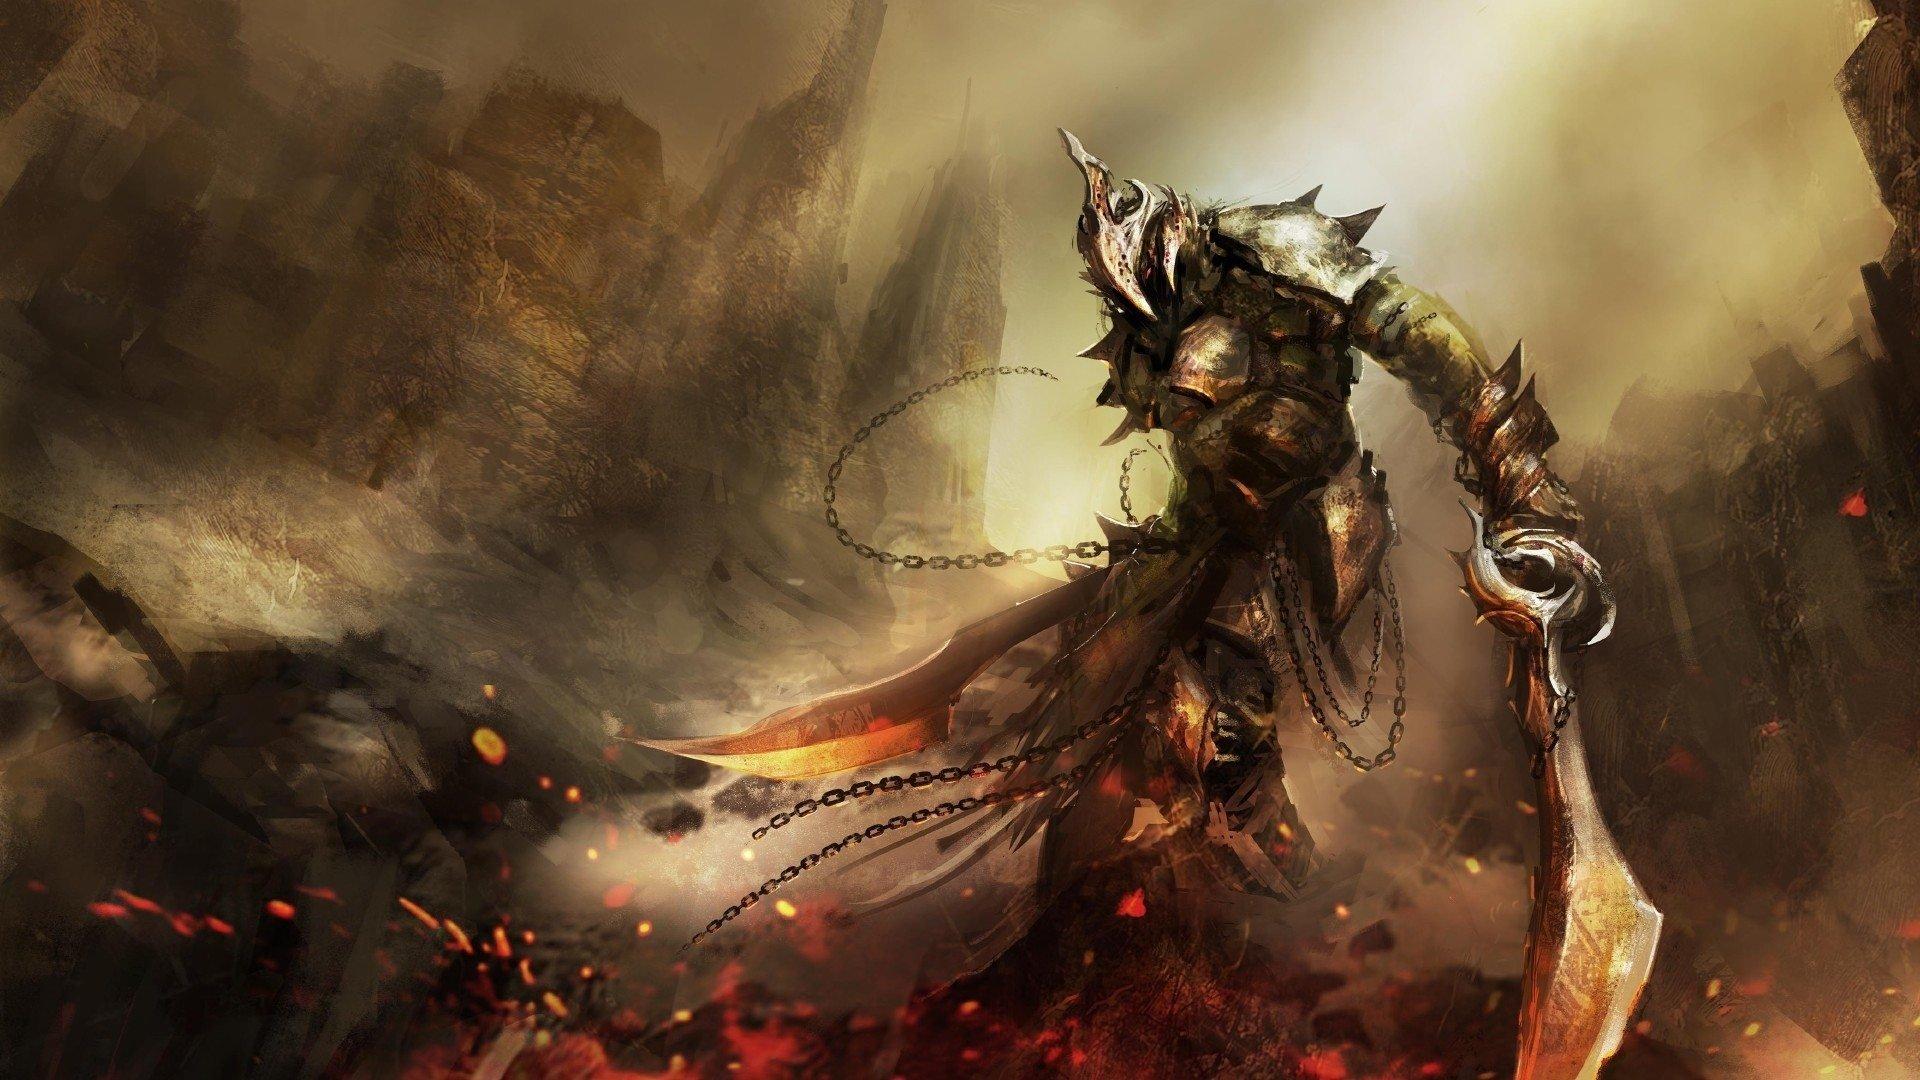 Video Game - Dark Souls III  Sword Warrior Dark Fire Wallpaper